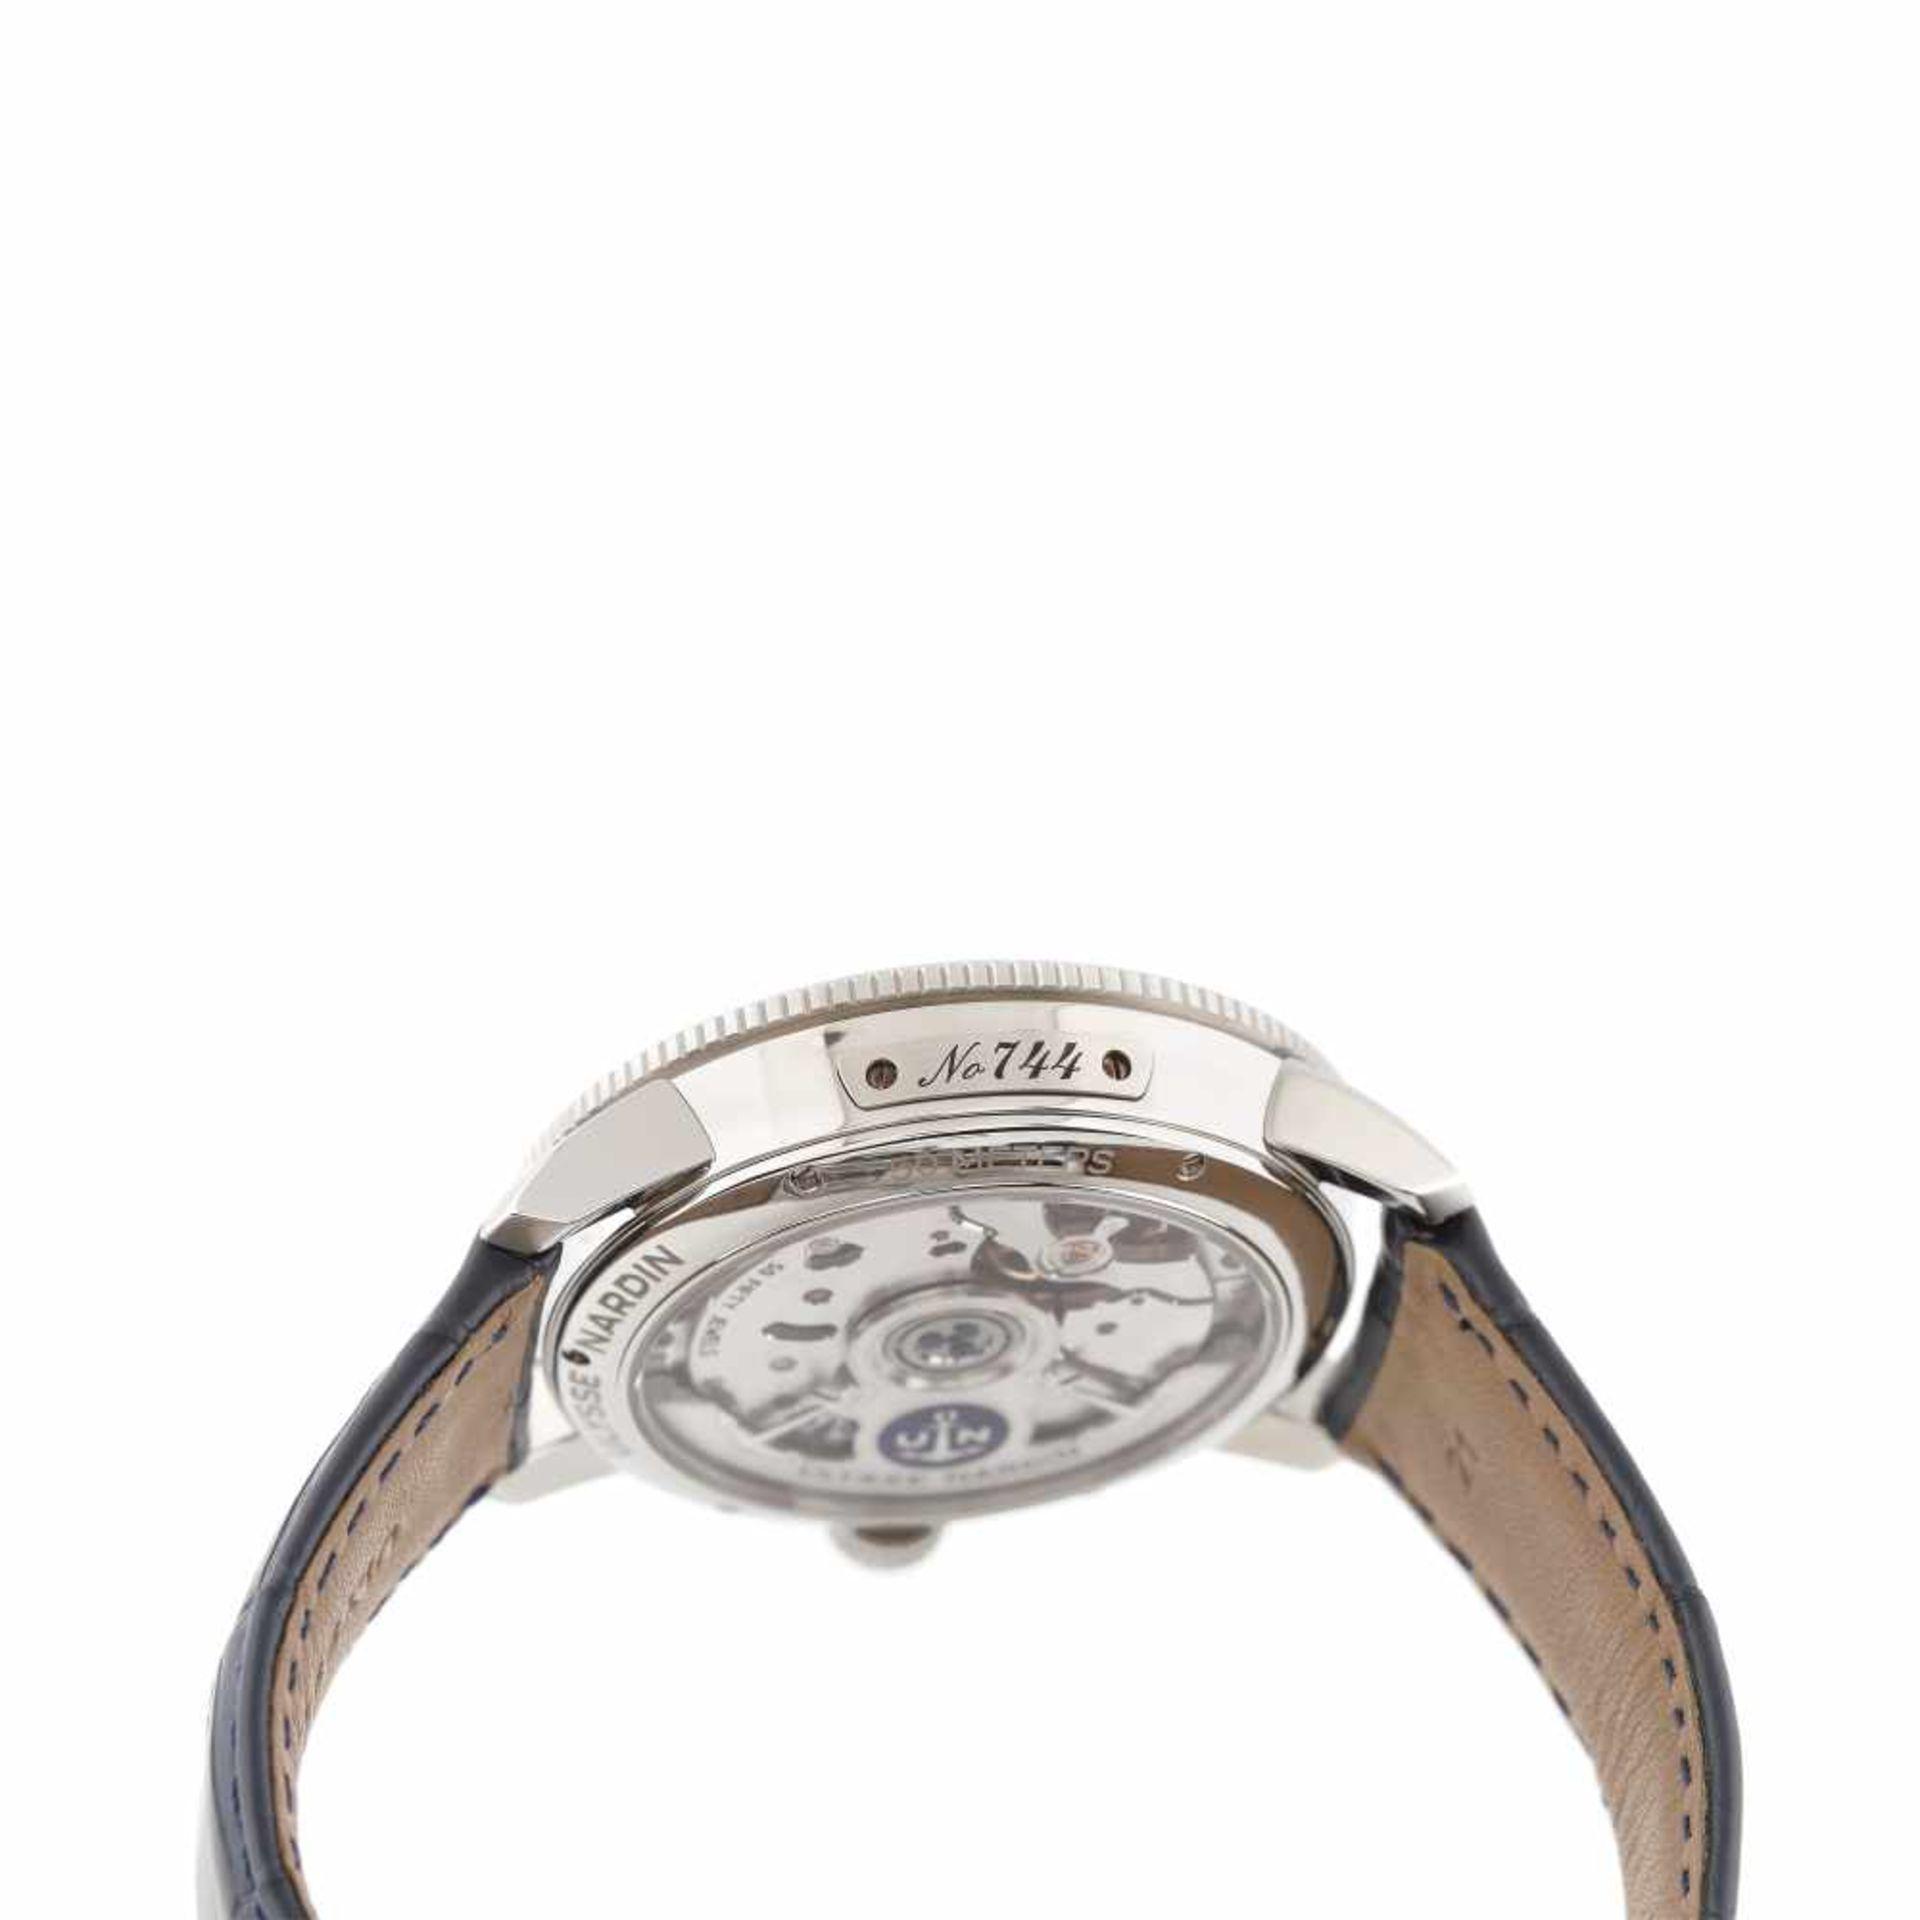 Ulysse Nardin Marine Torpilleur wristwatch, men, original box and authenticity documents - Bild 5 aus 5